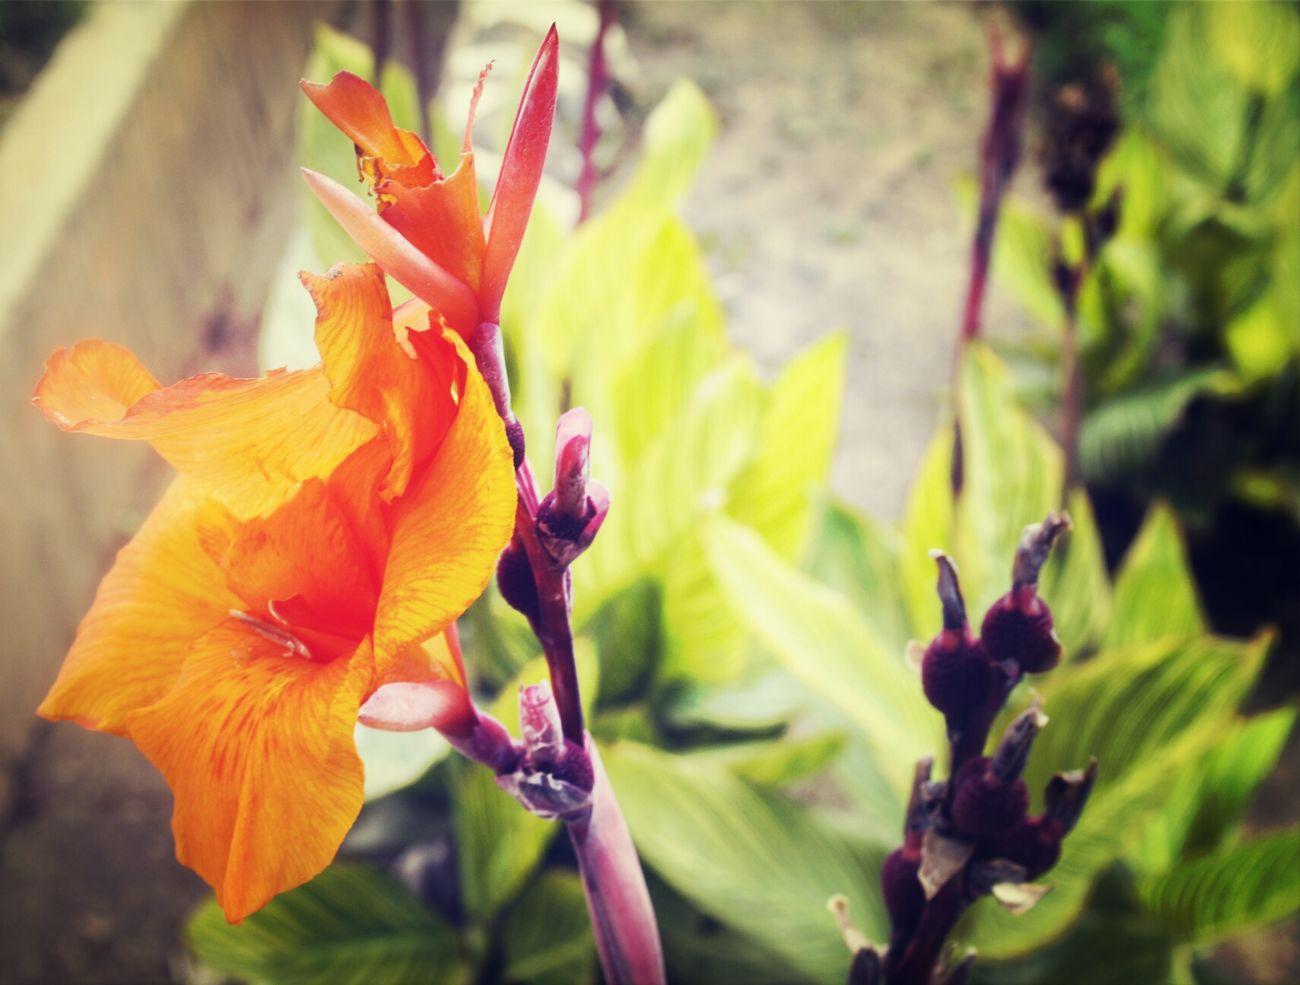 flowerzzizi